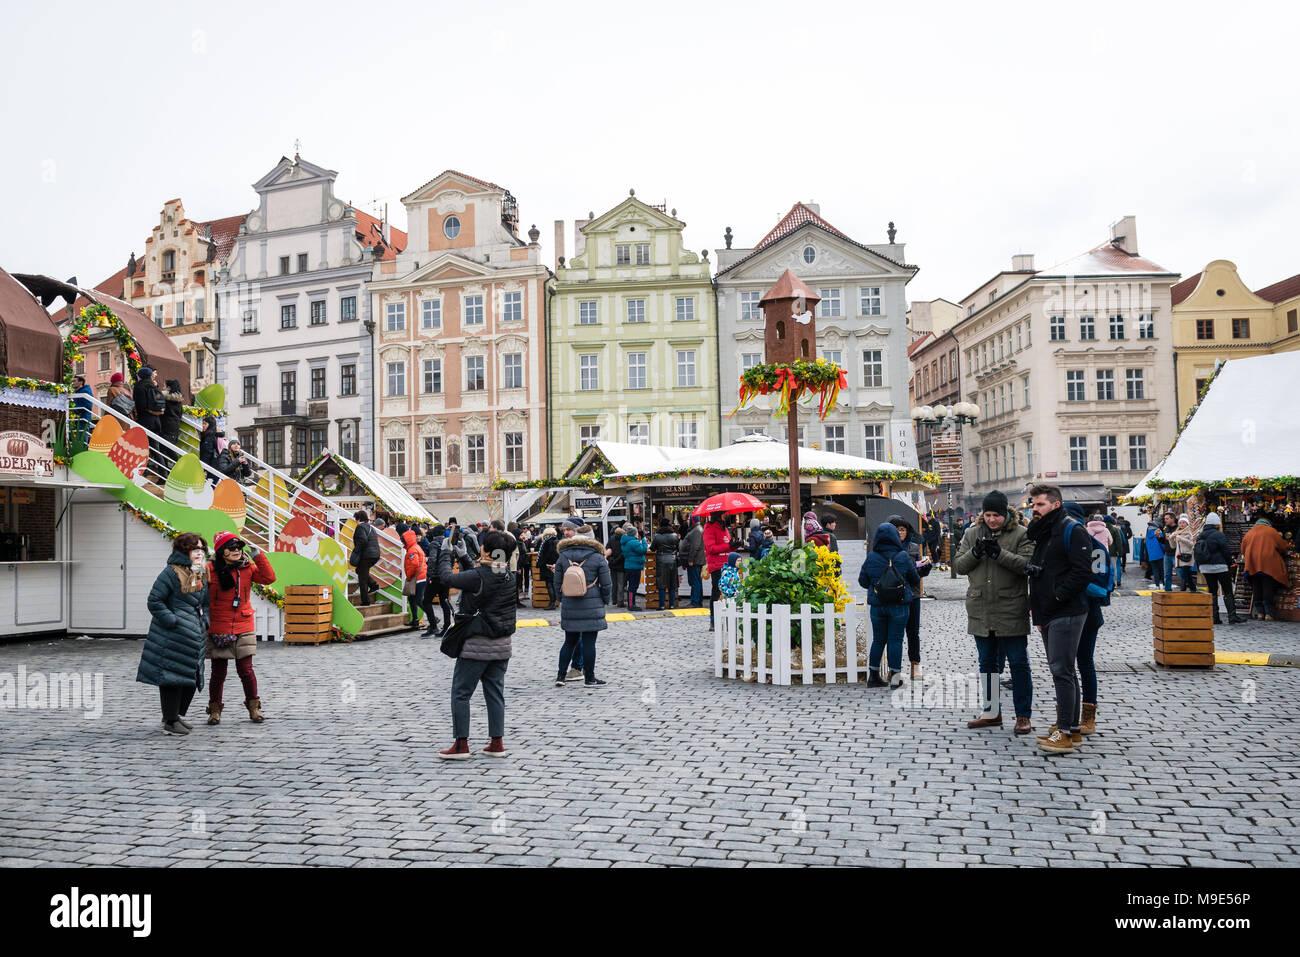 Praga, Repubblica Ceca- Marzo 18, 2018: persone che visitano Praga pasqua mercato sulla piazza della città vecchia. I mercati di Pasqua (Velikonocni trhy) celebrare t Foto Stock